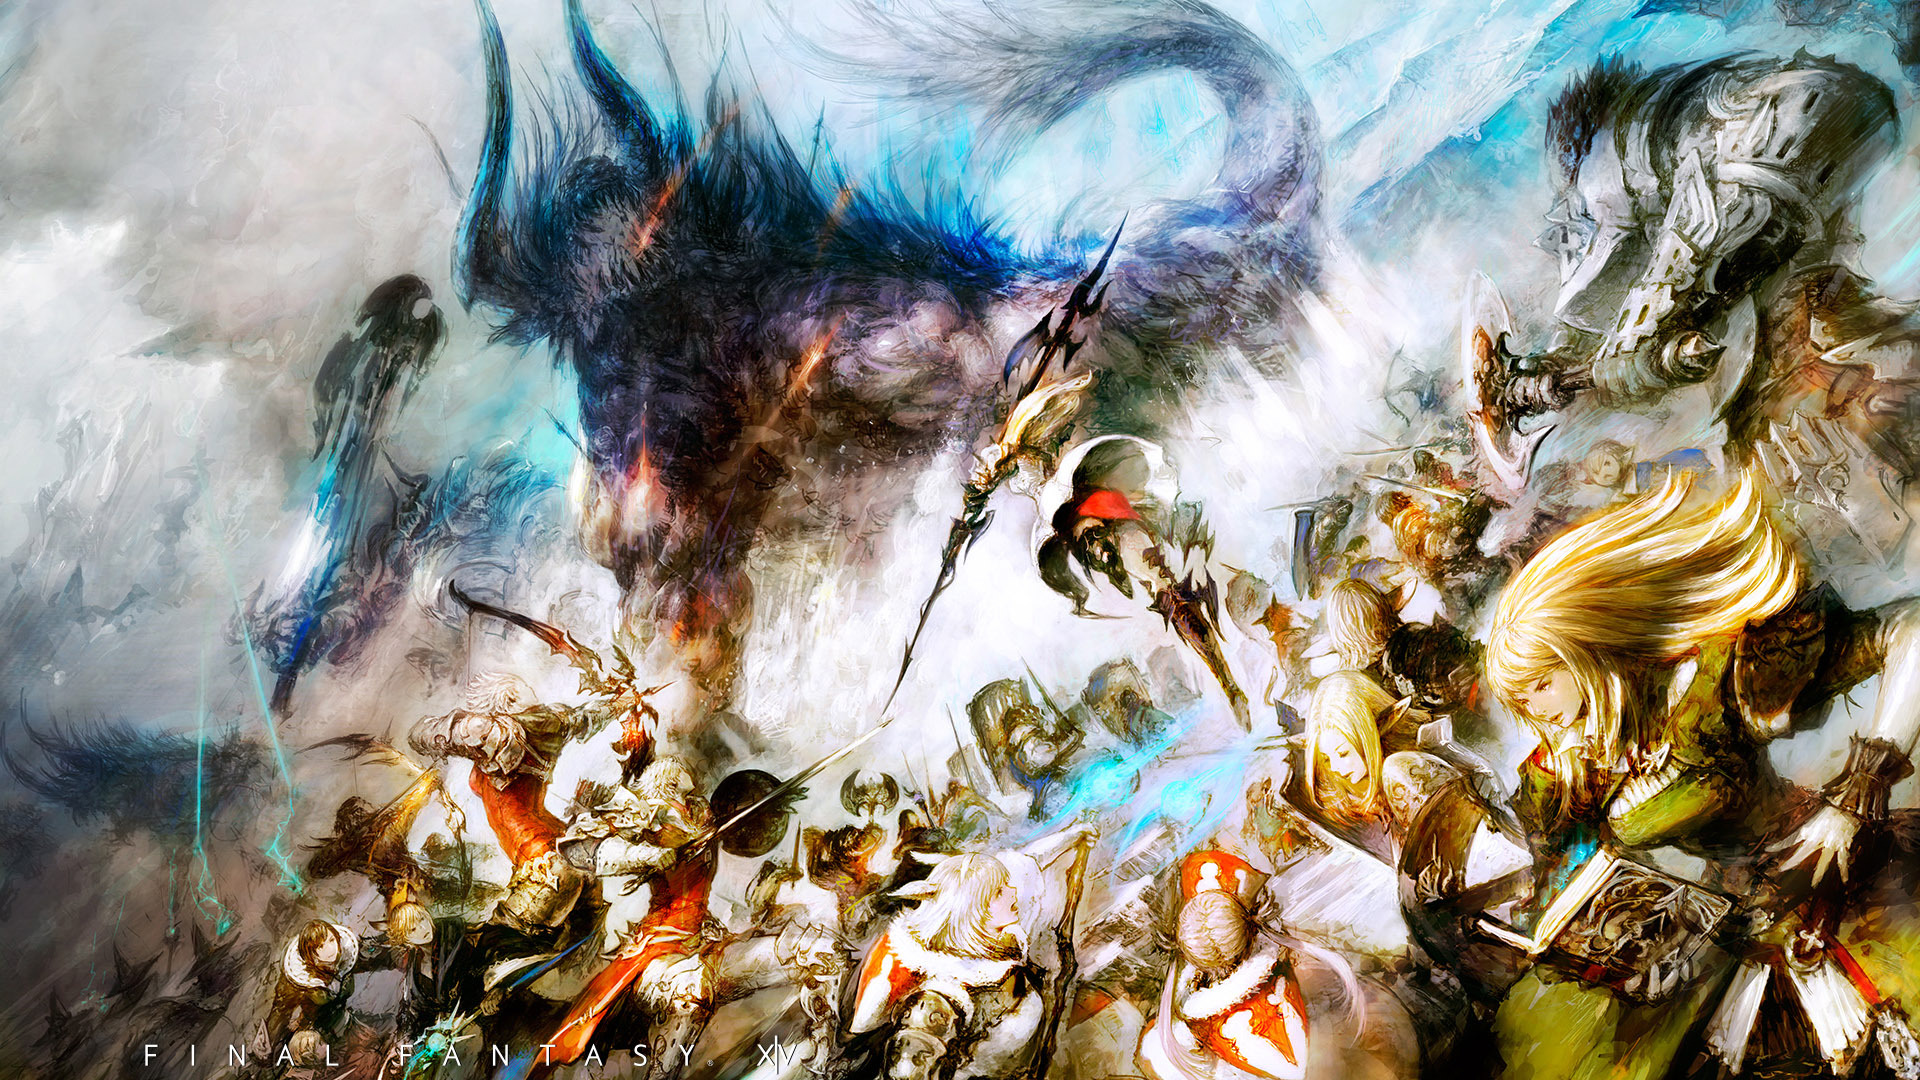 46 Final Fantasy 15 Wallpapers On Wallpapersafari